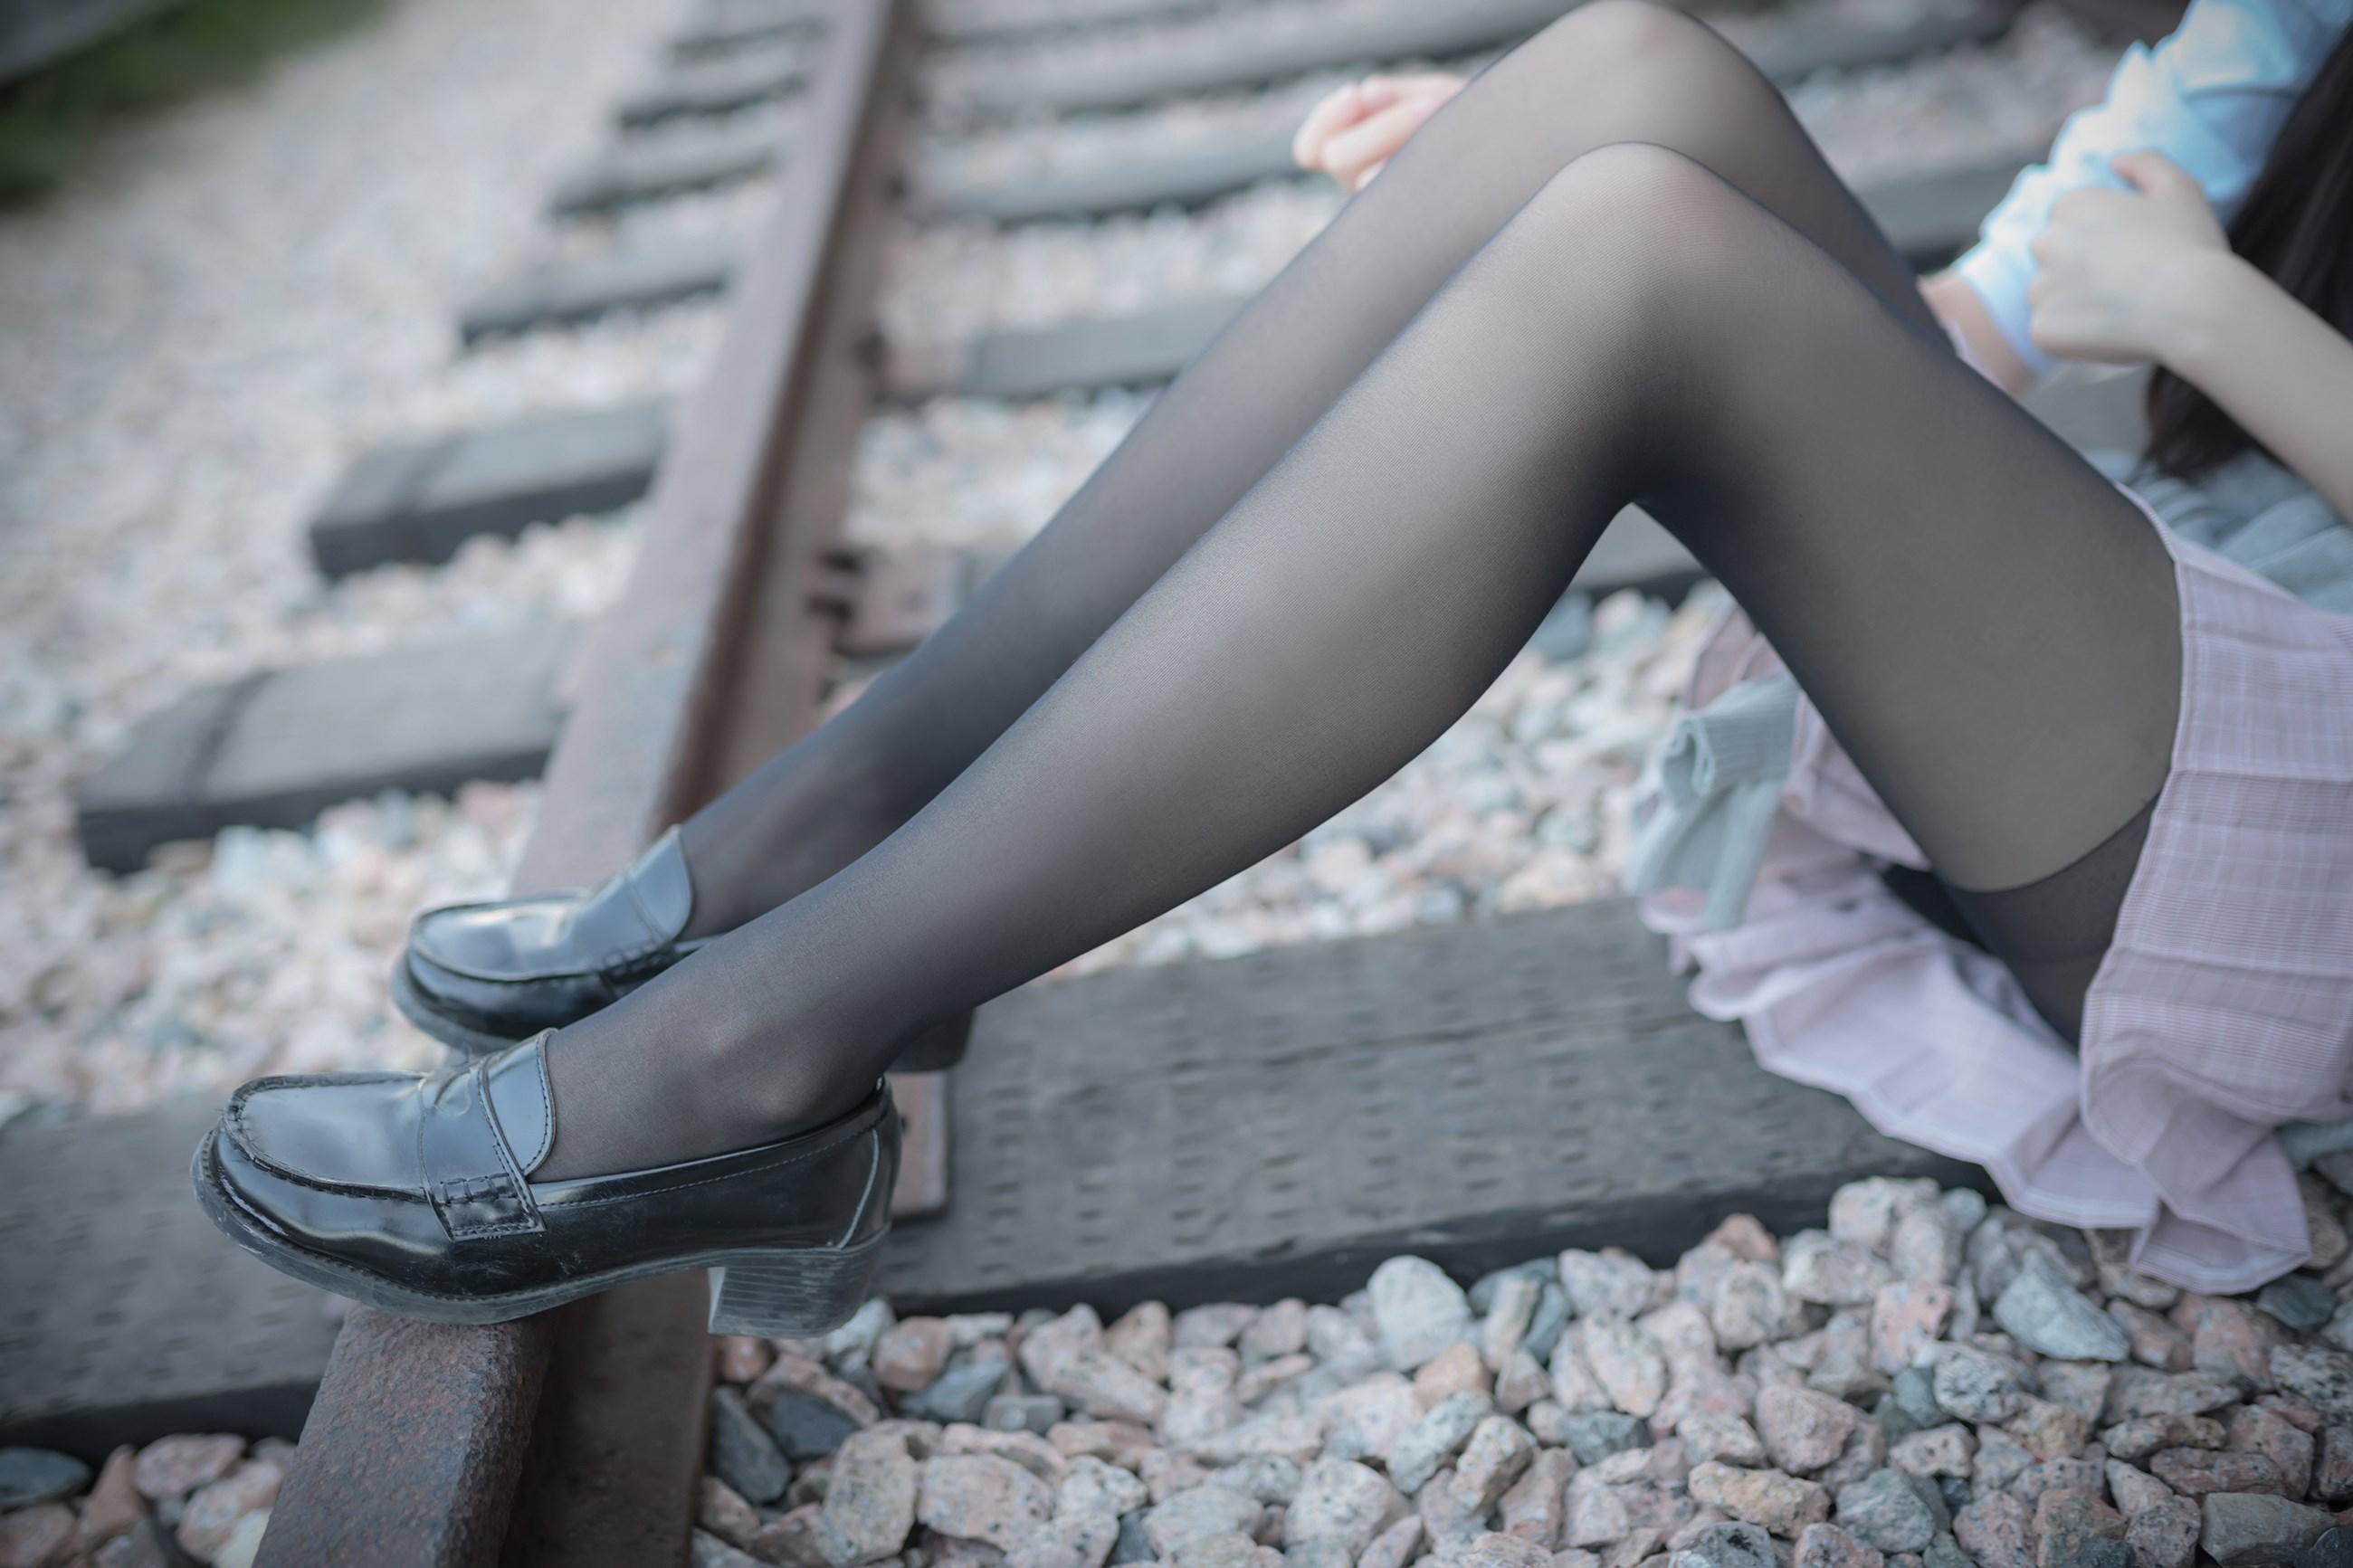 【兔玩映画】铁轨旁的小细腿 兔玩映画 第44张